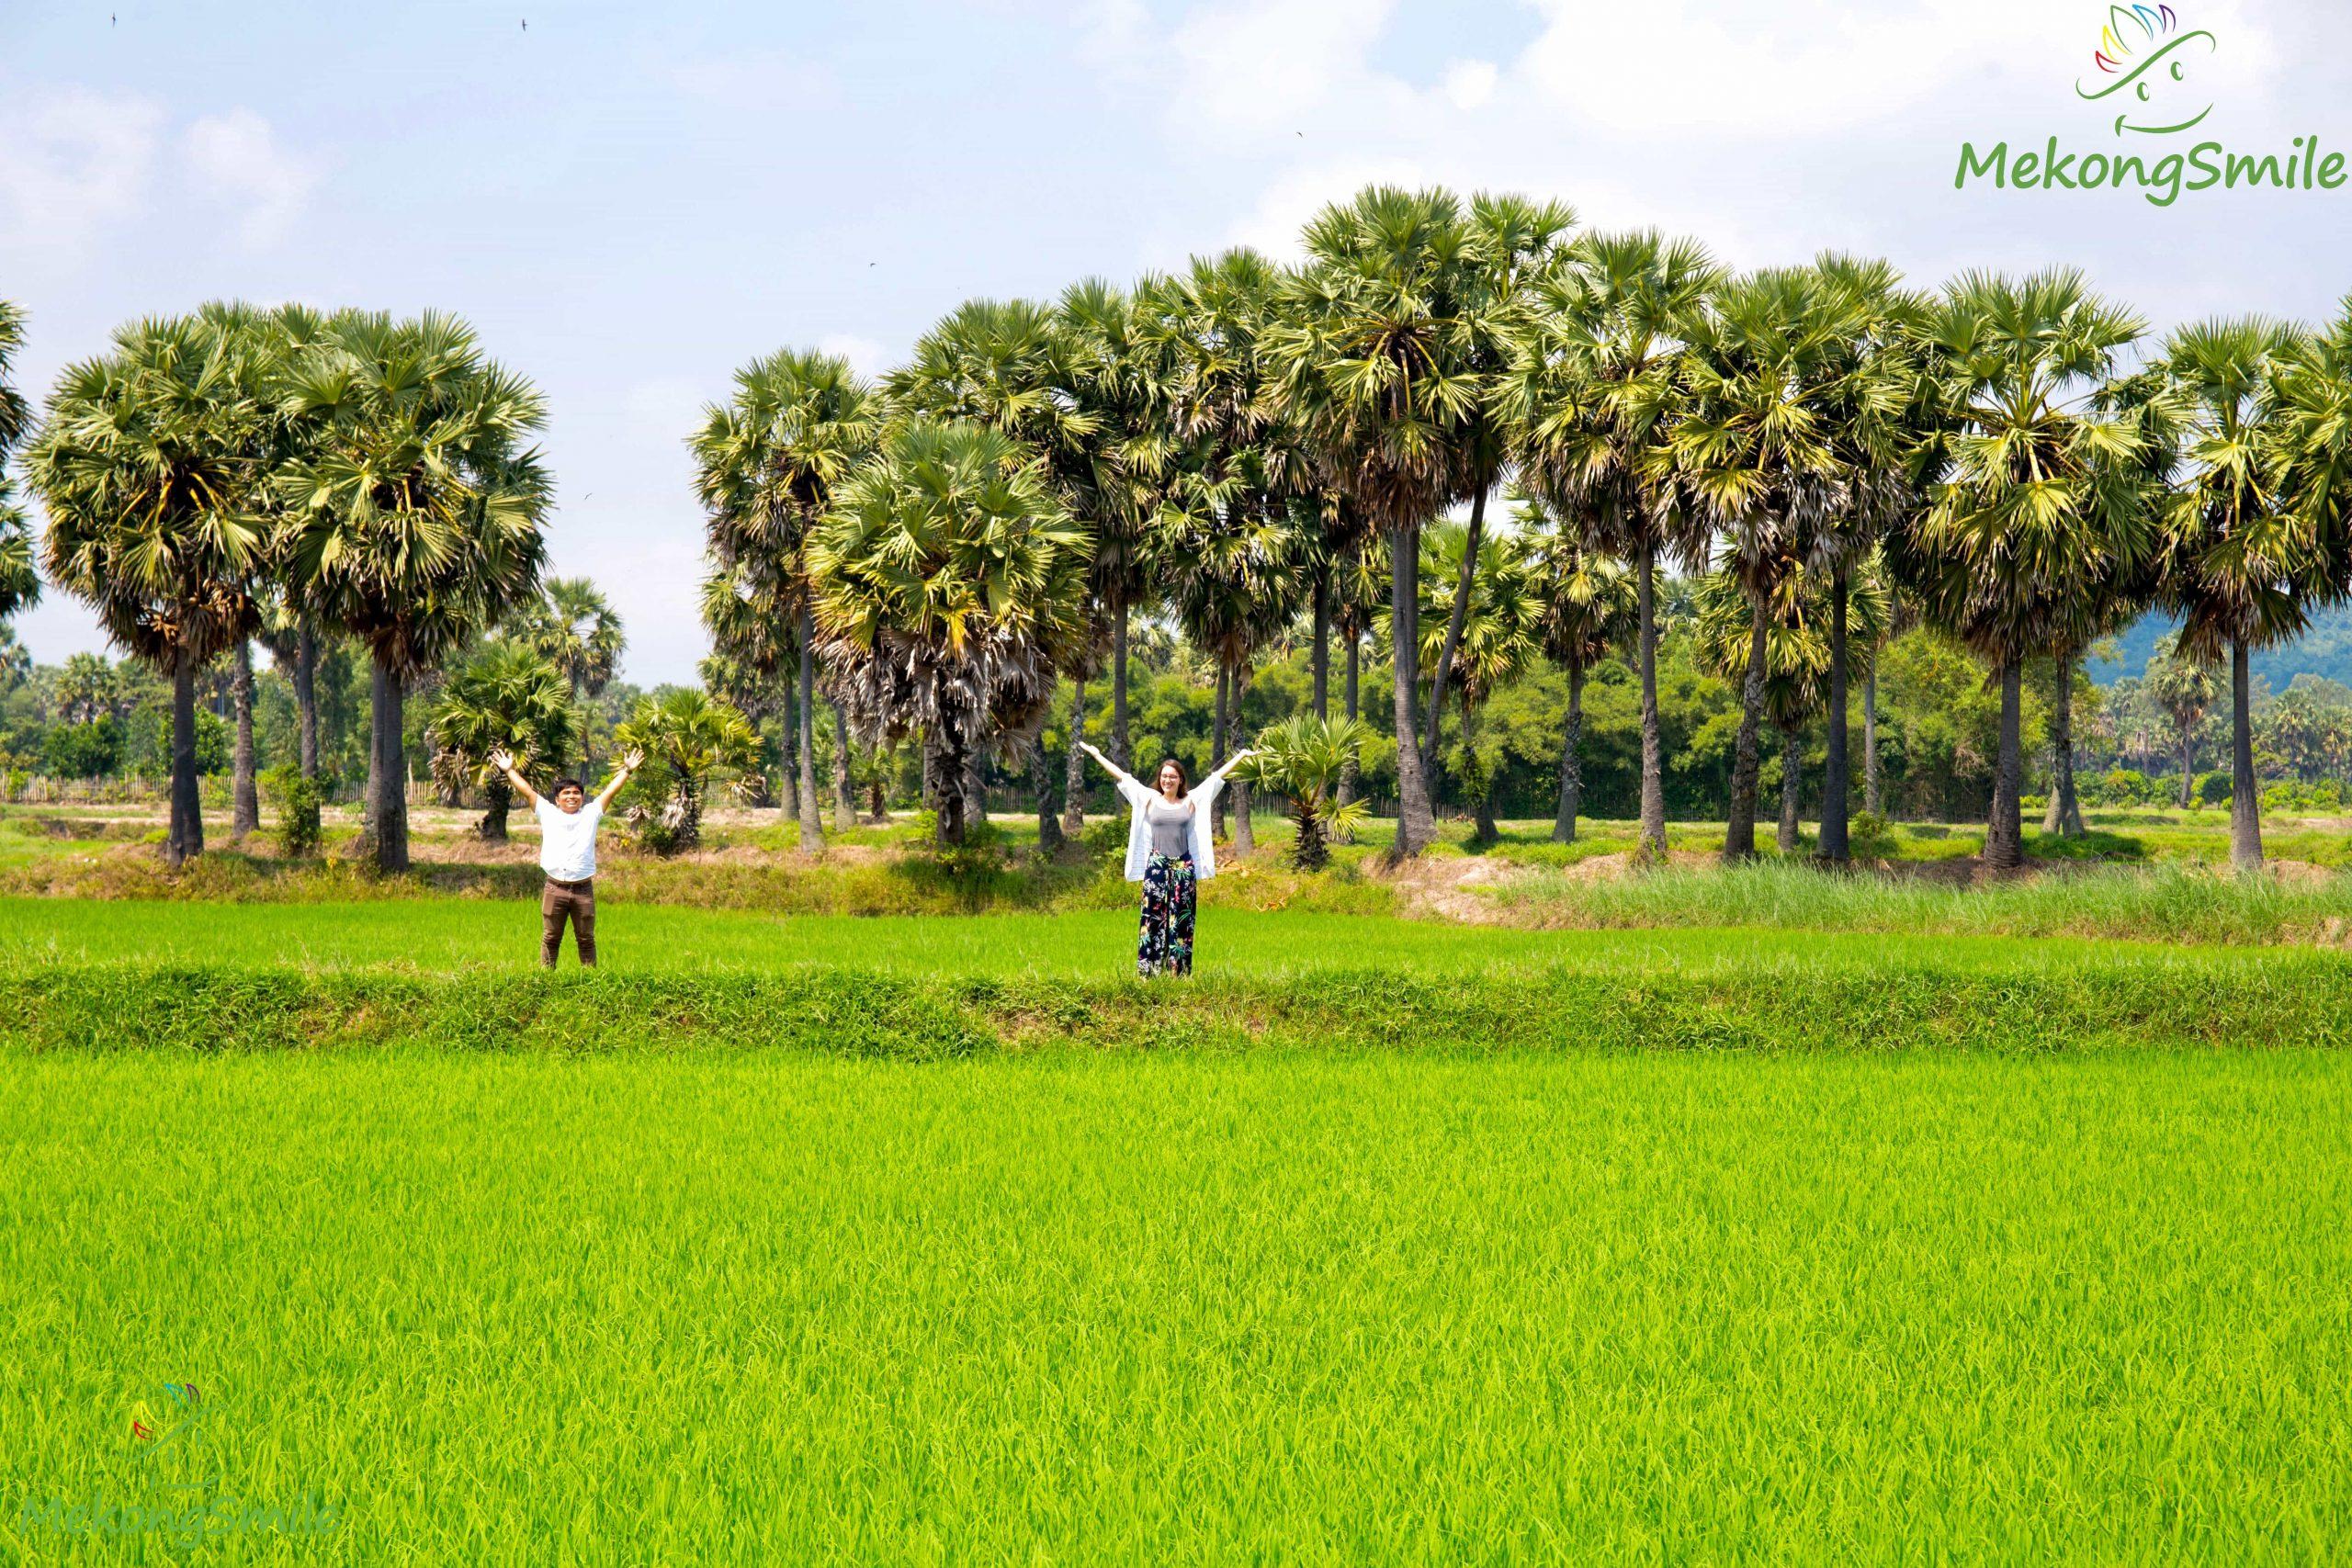 Cánh đồng thốt nốt An Giang - tour Châu Đốc 1 ngày